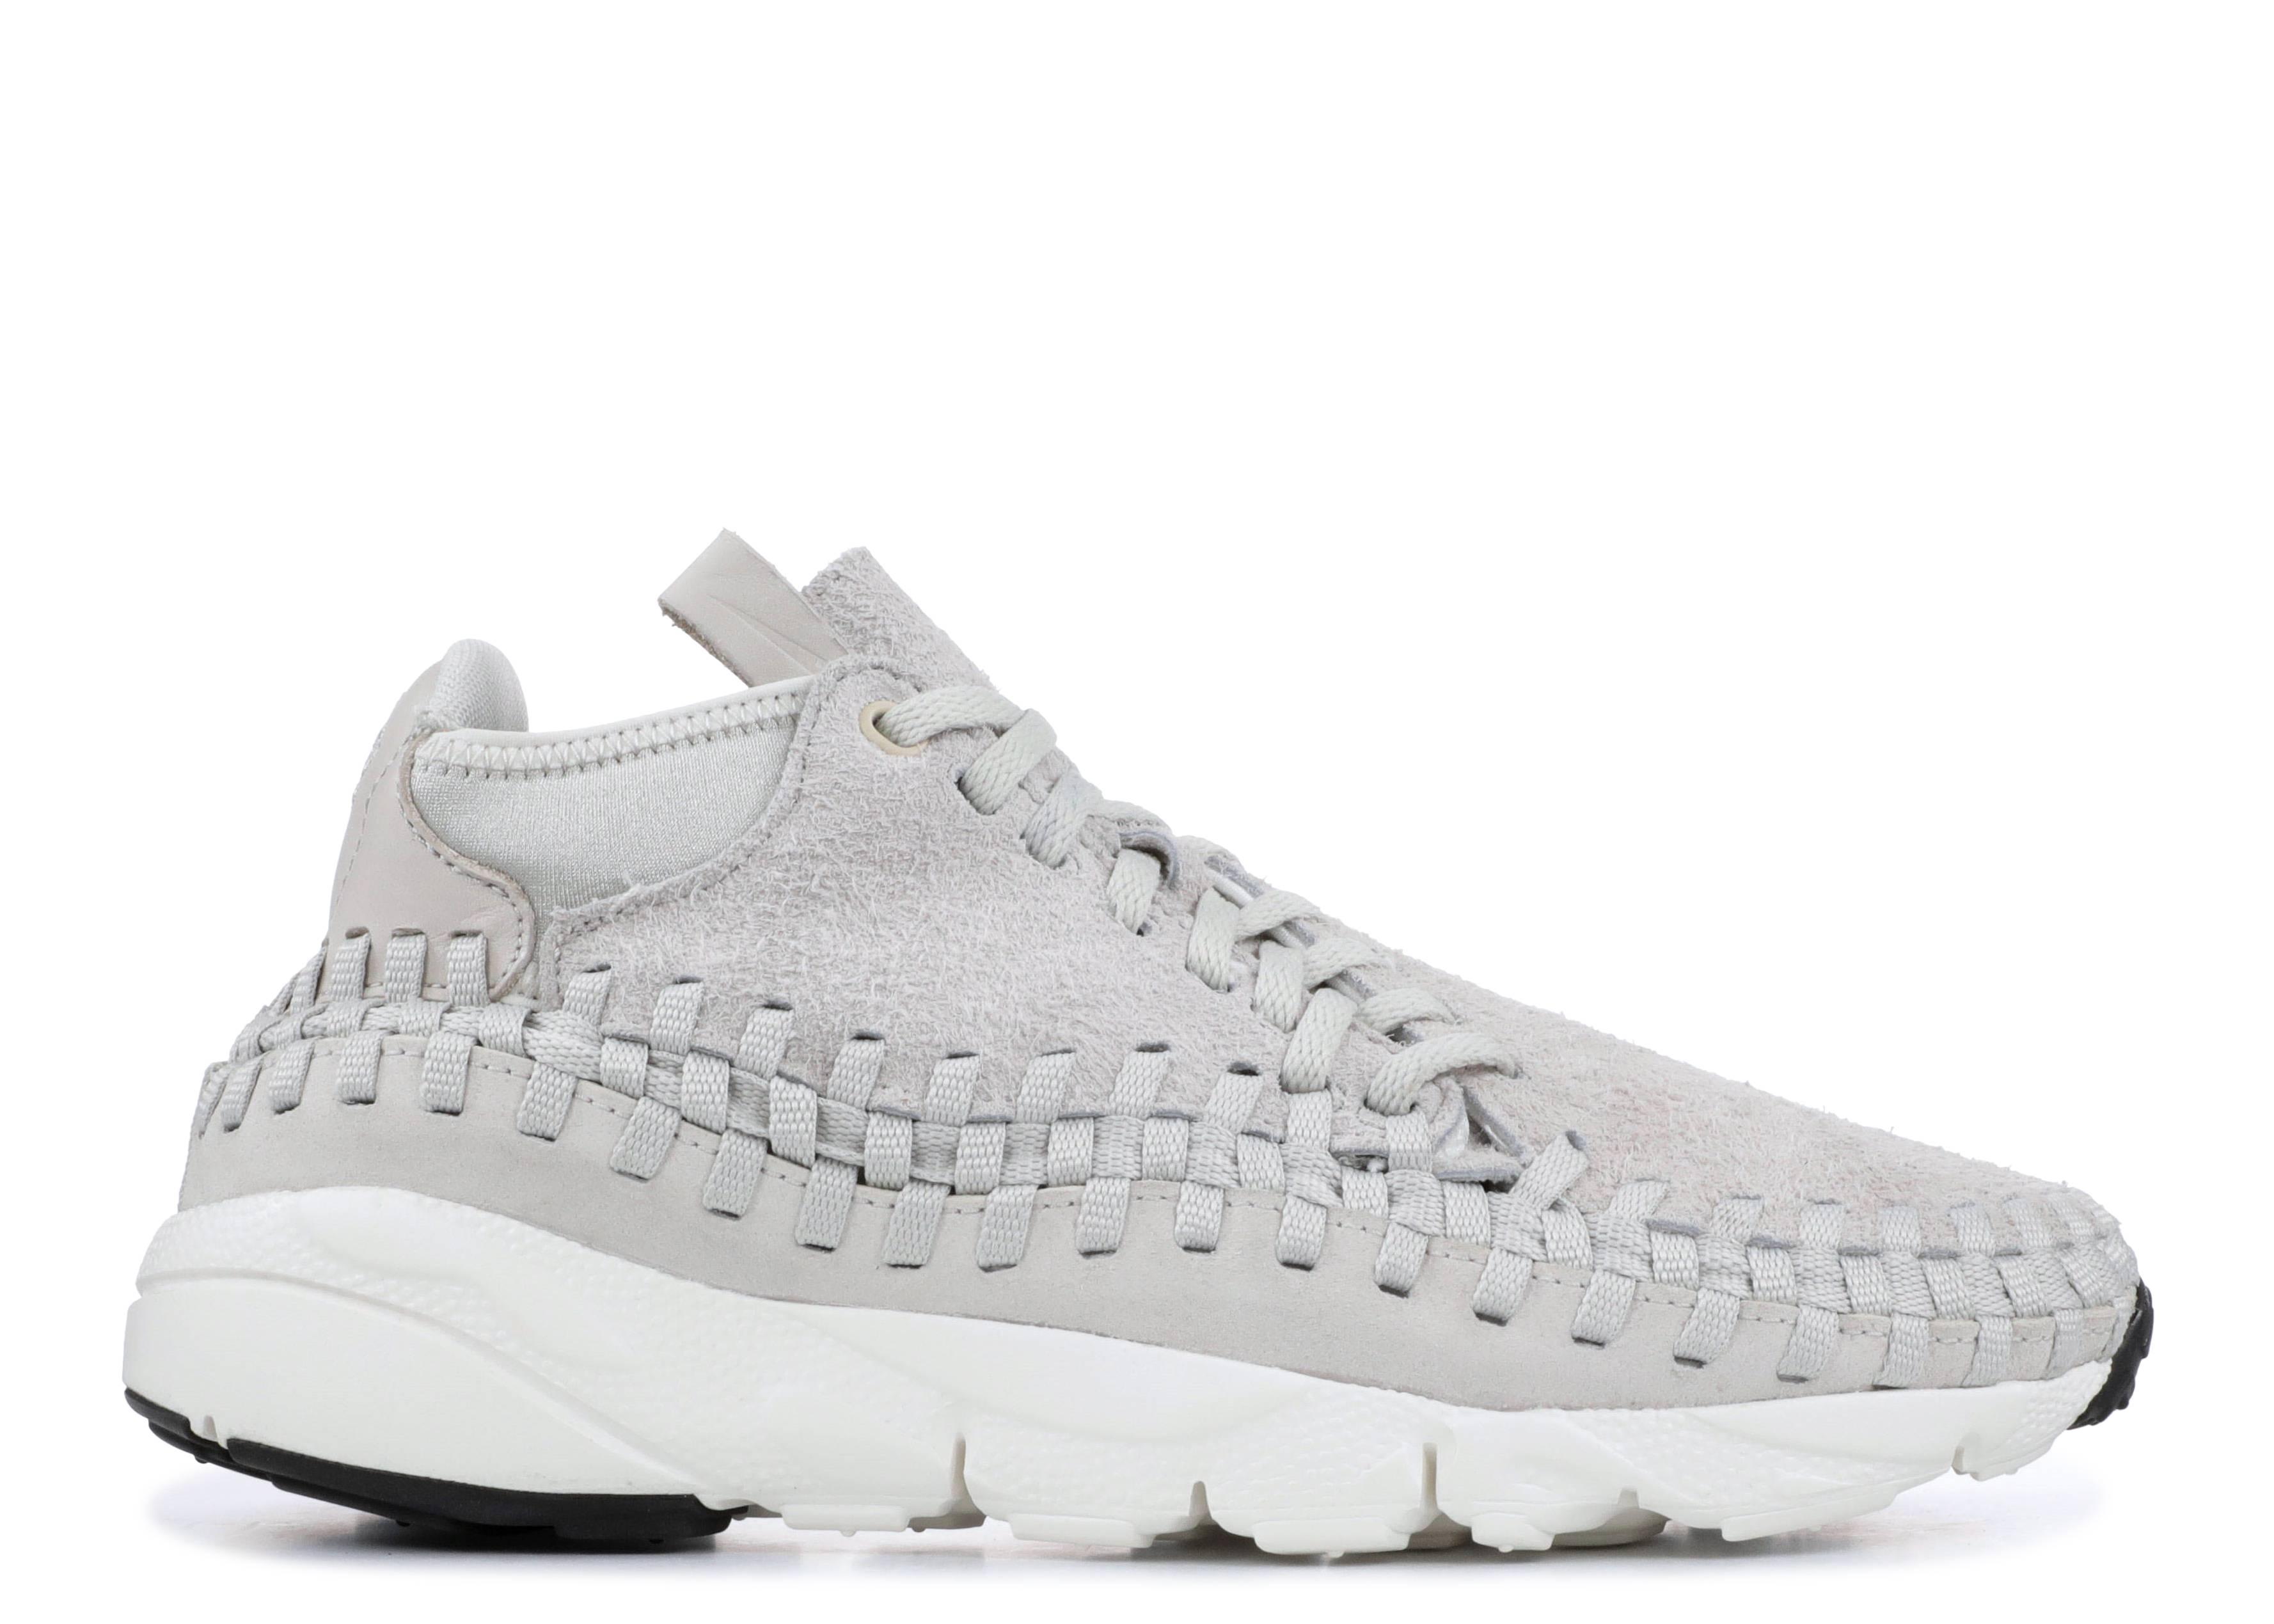 separation shoes 7d7f8 e05a6 nike. air footscape woven chukka qs